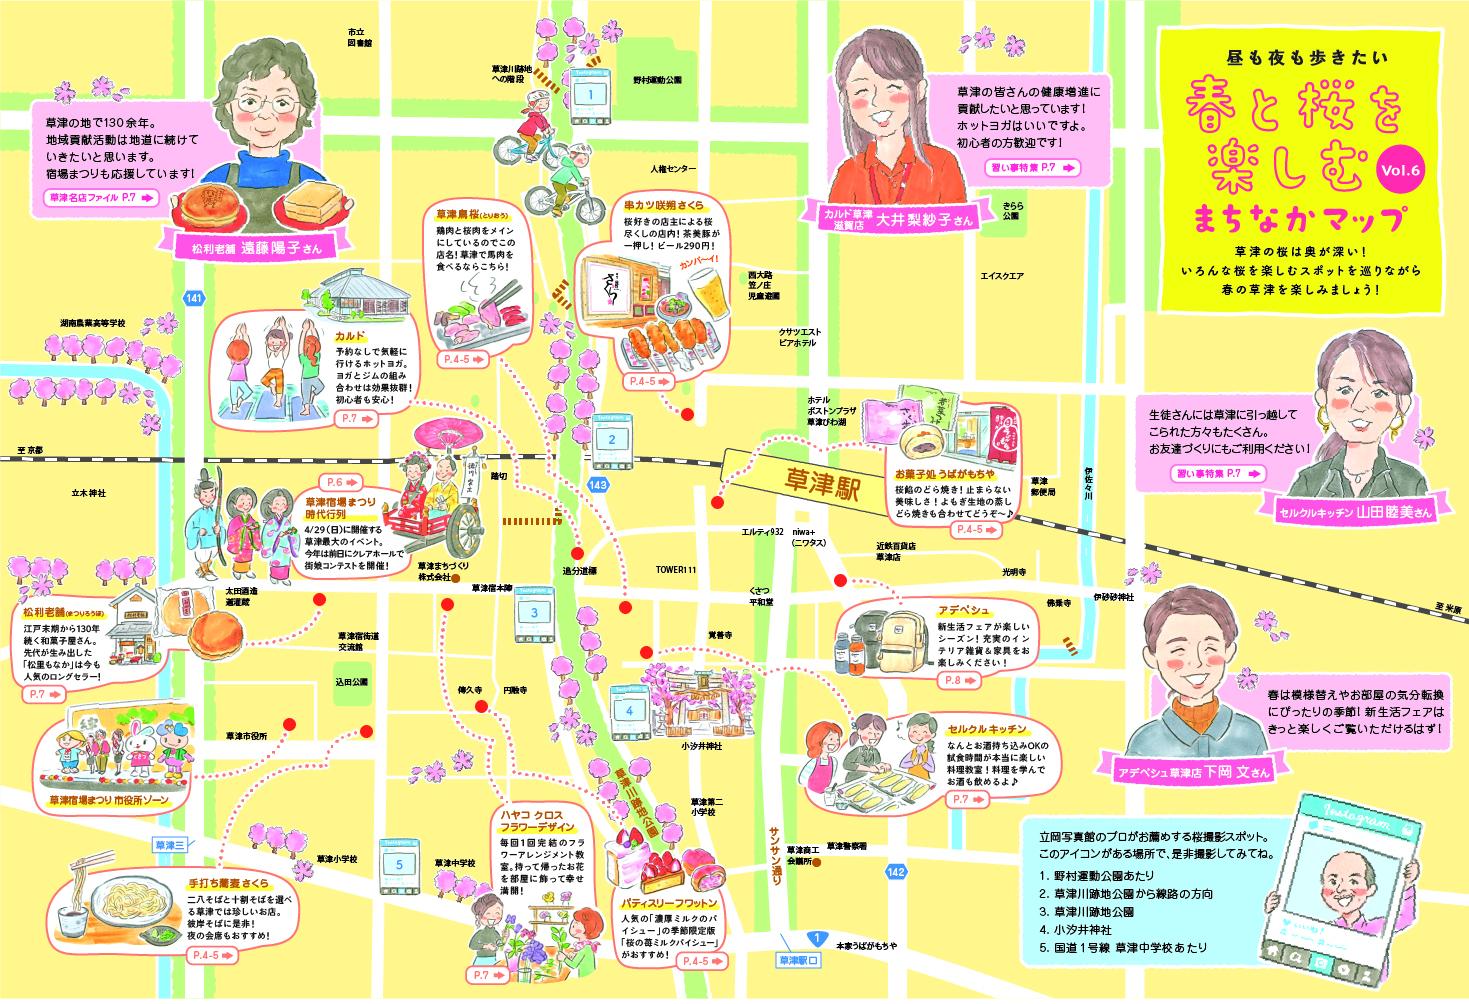 草津まちなかMAP Vol.6